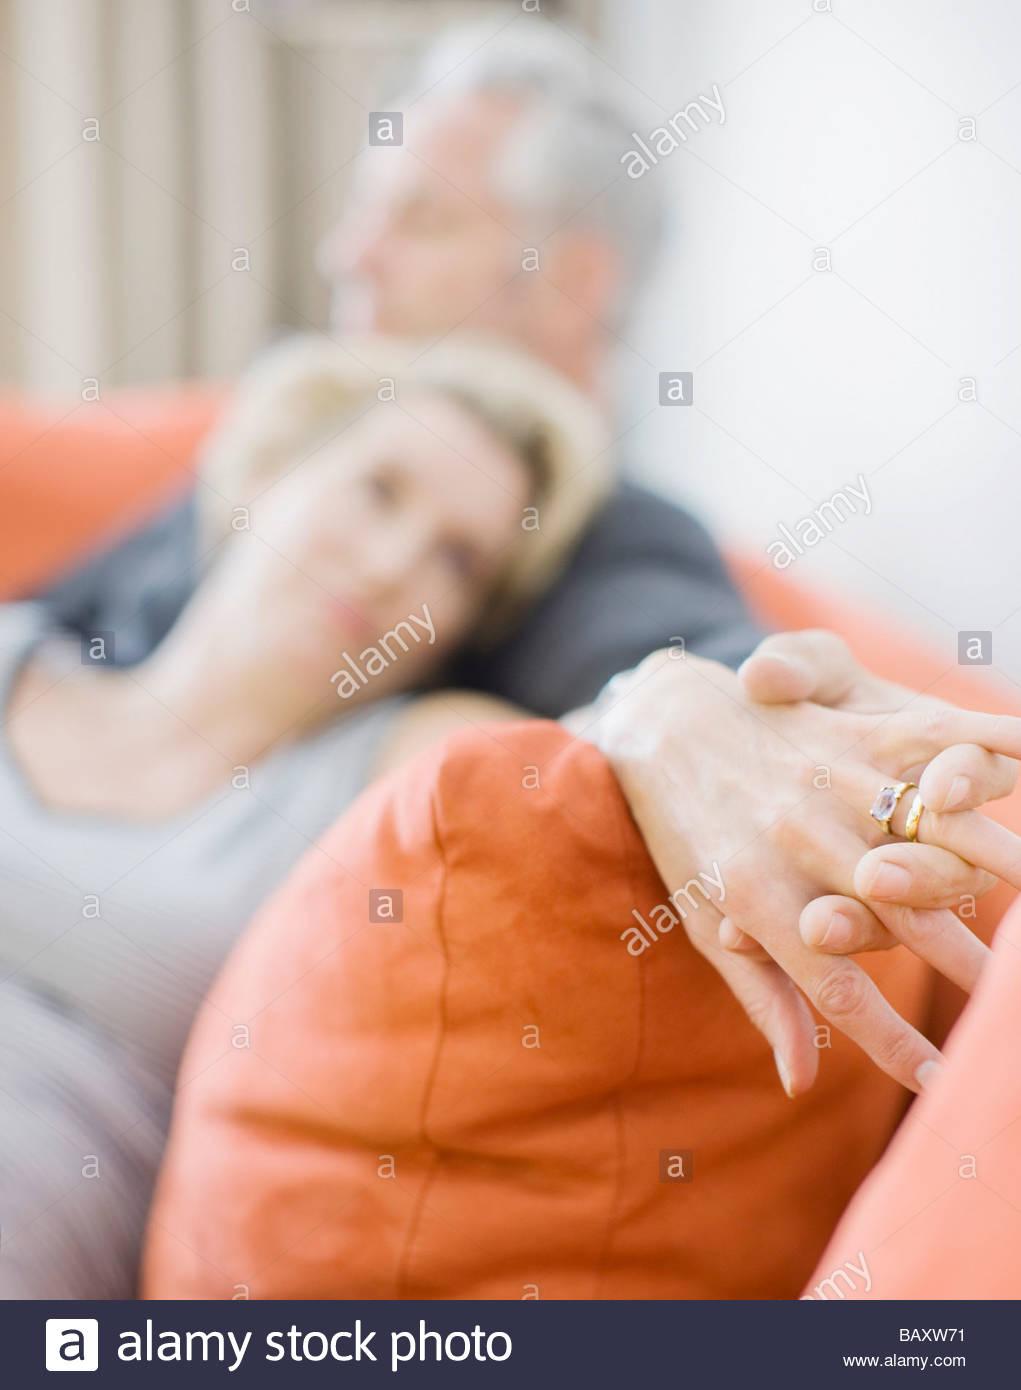 Coppia matura la posa sul divano tenendo le mani Immagini Stock